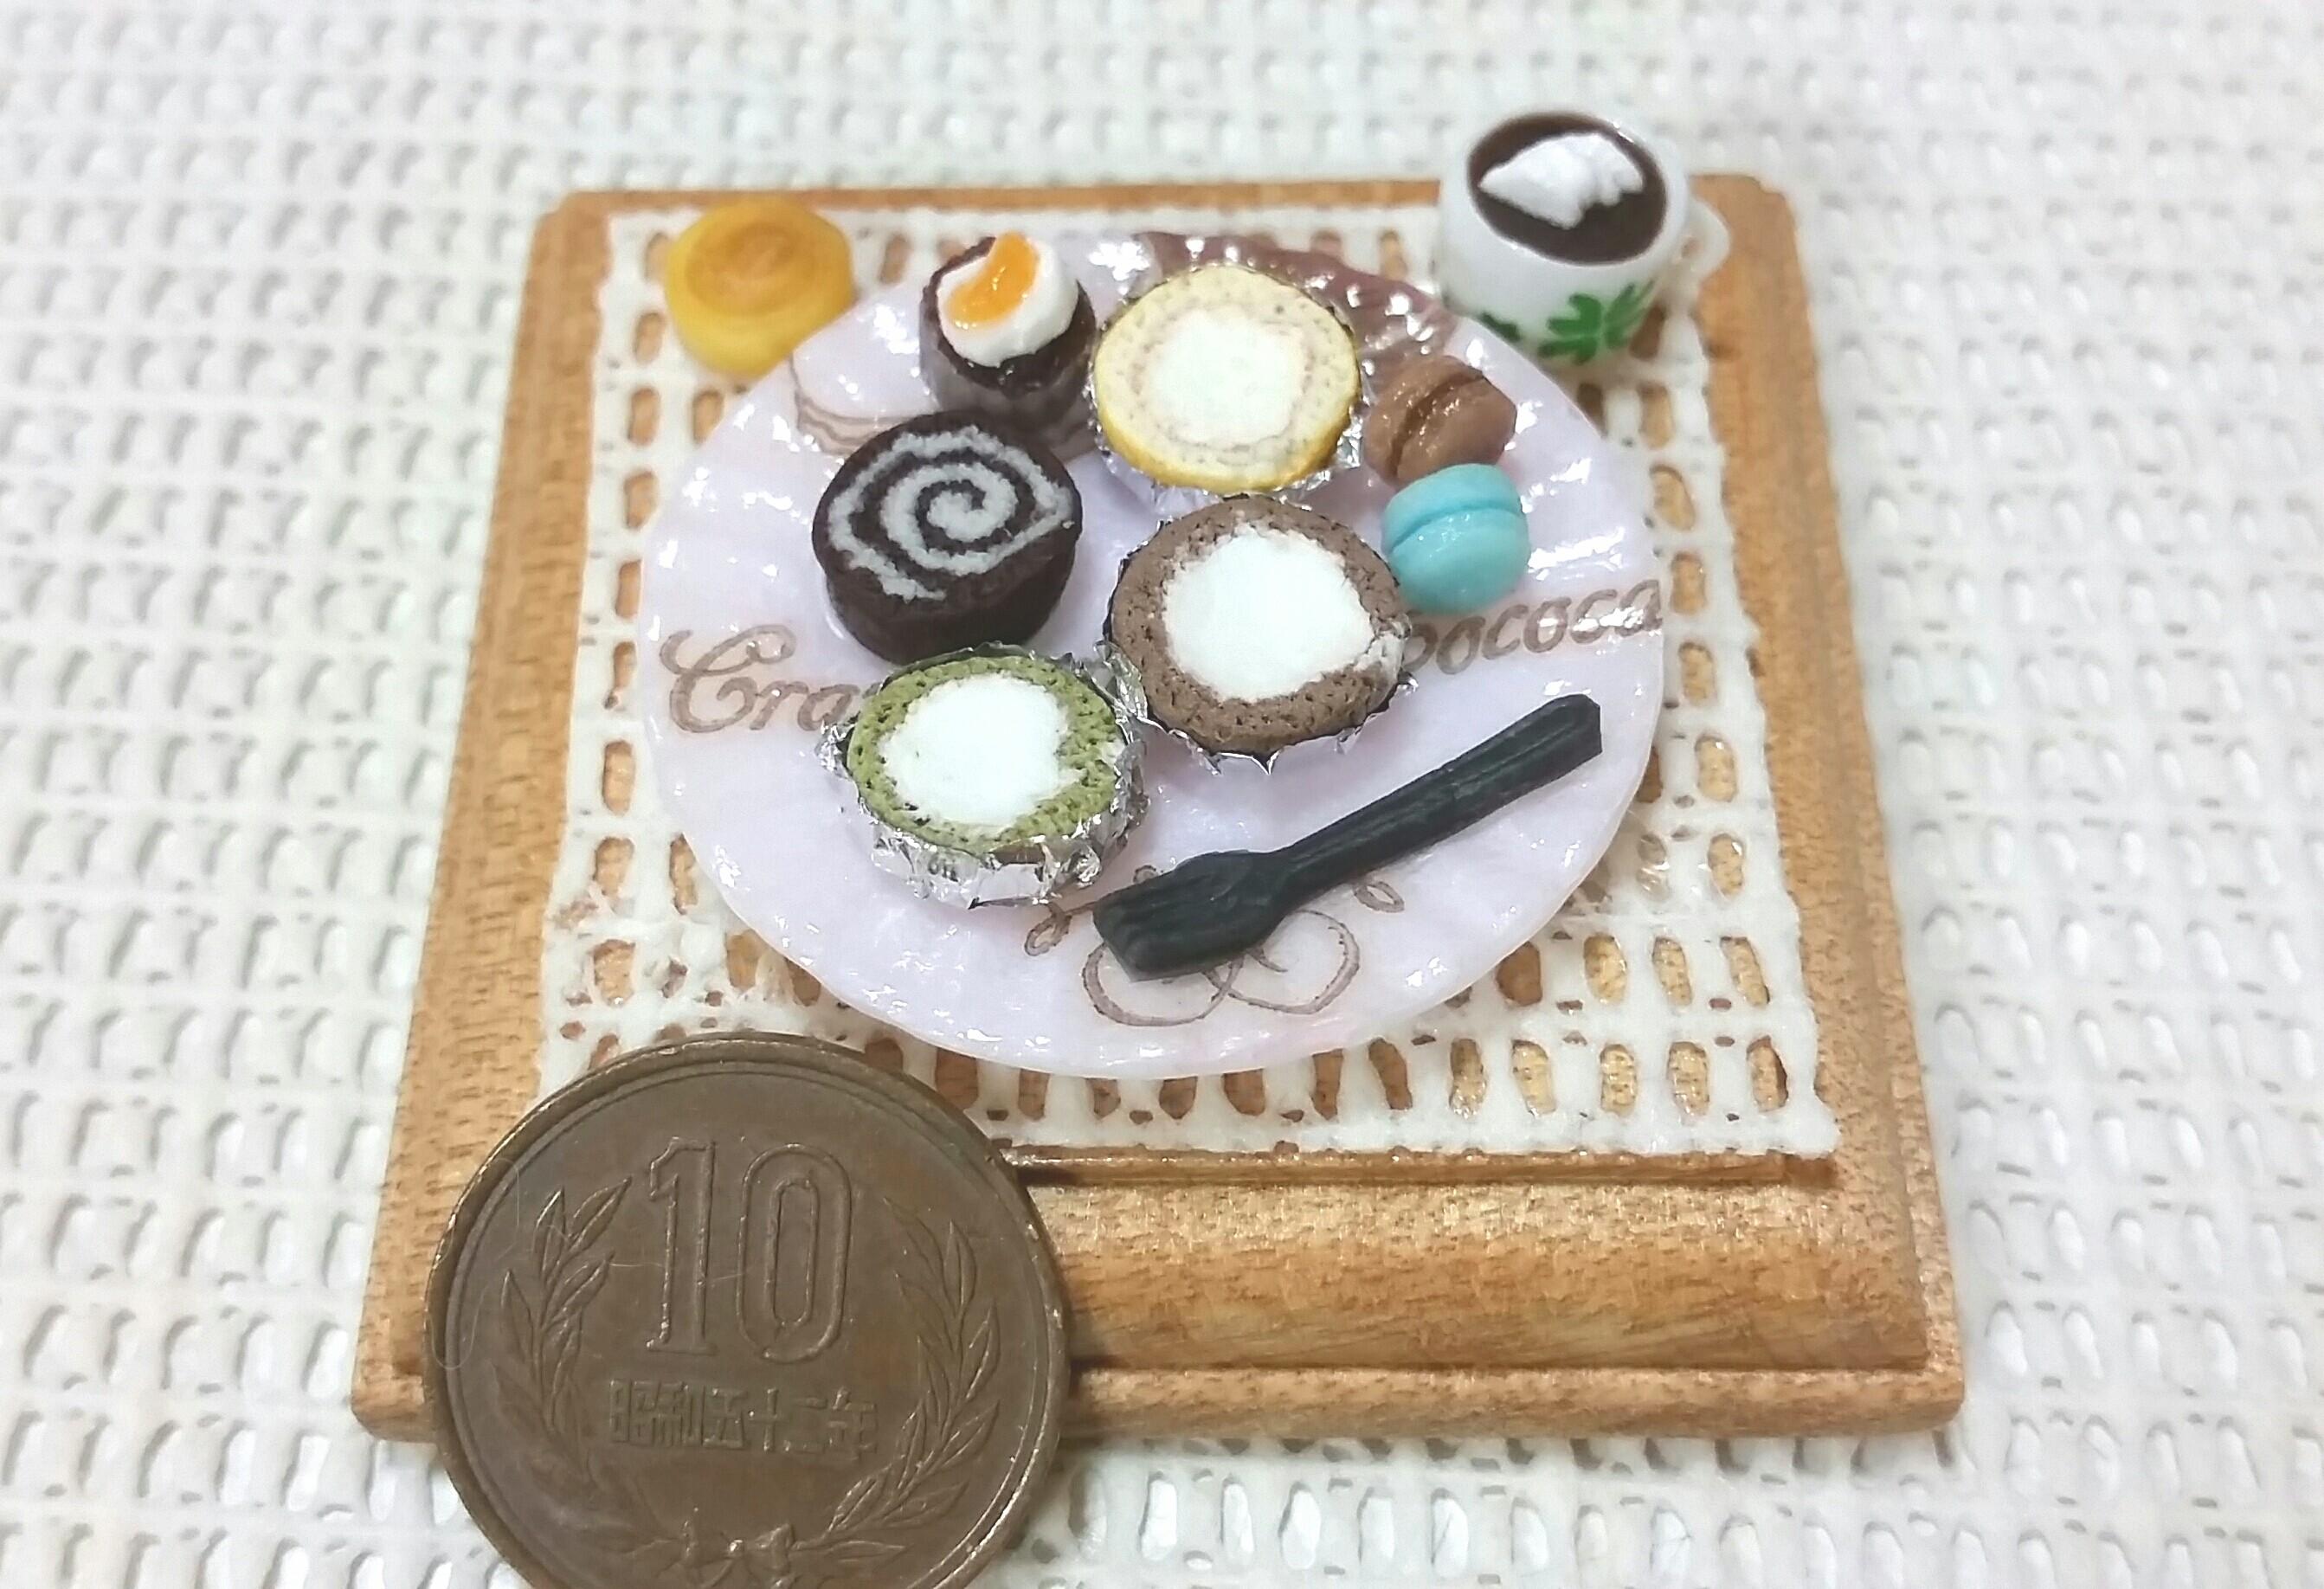 ロールケーキ,ミニチュアフード,紙粘土,初心者,有名ブログ,作家